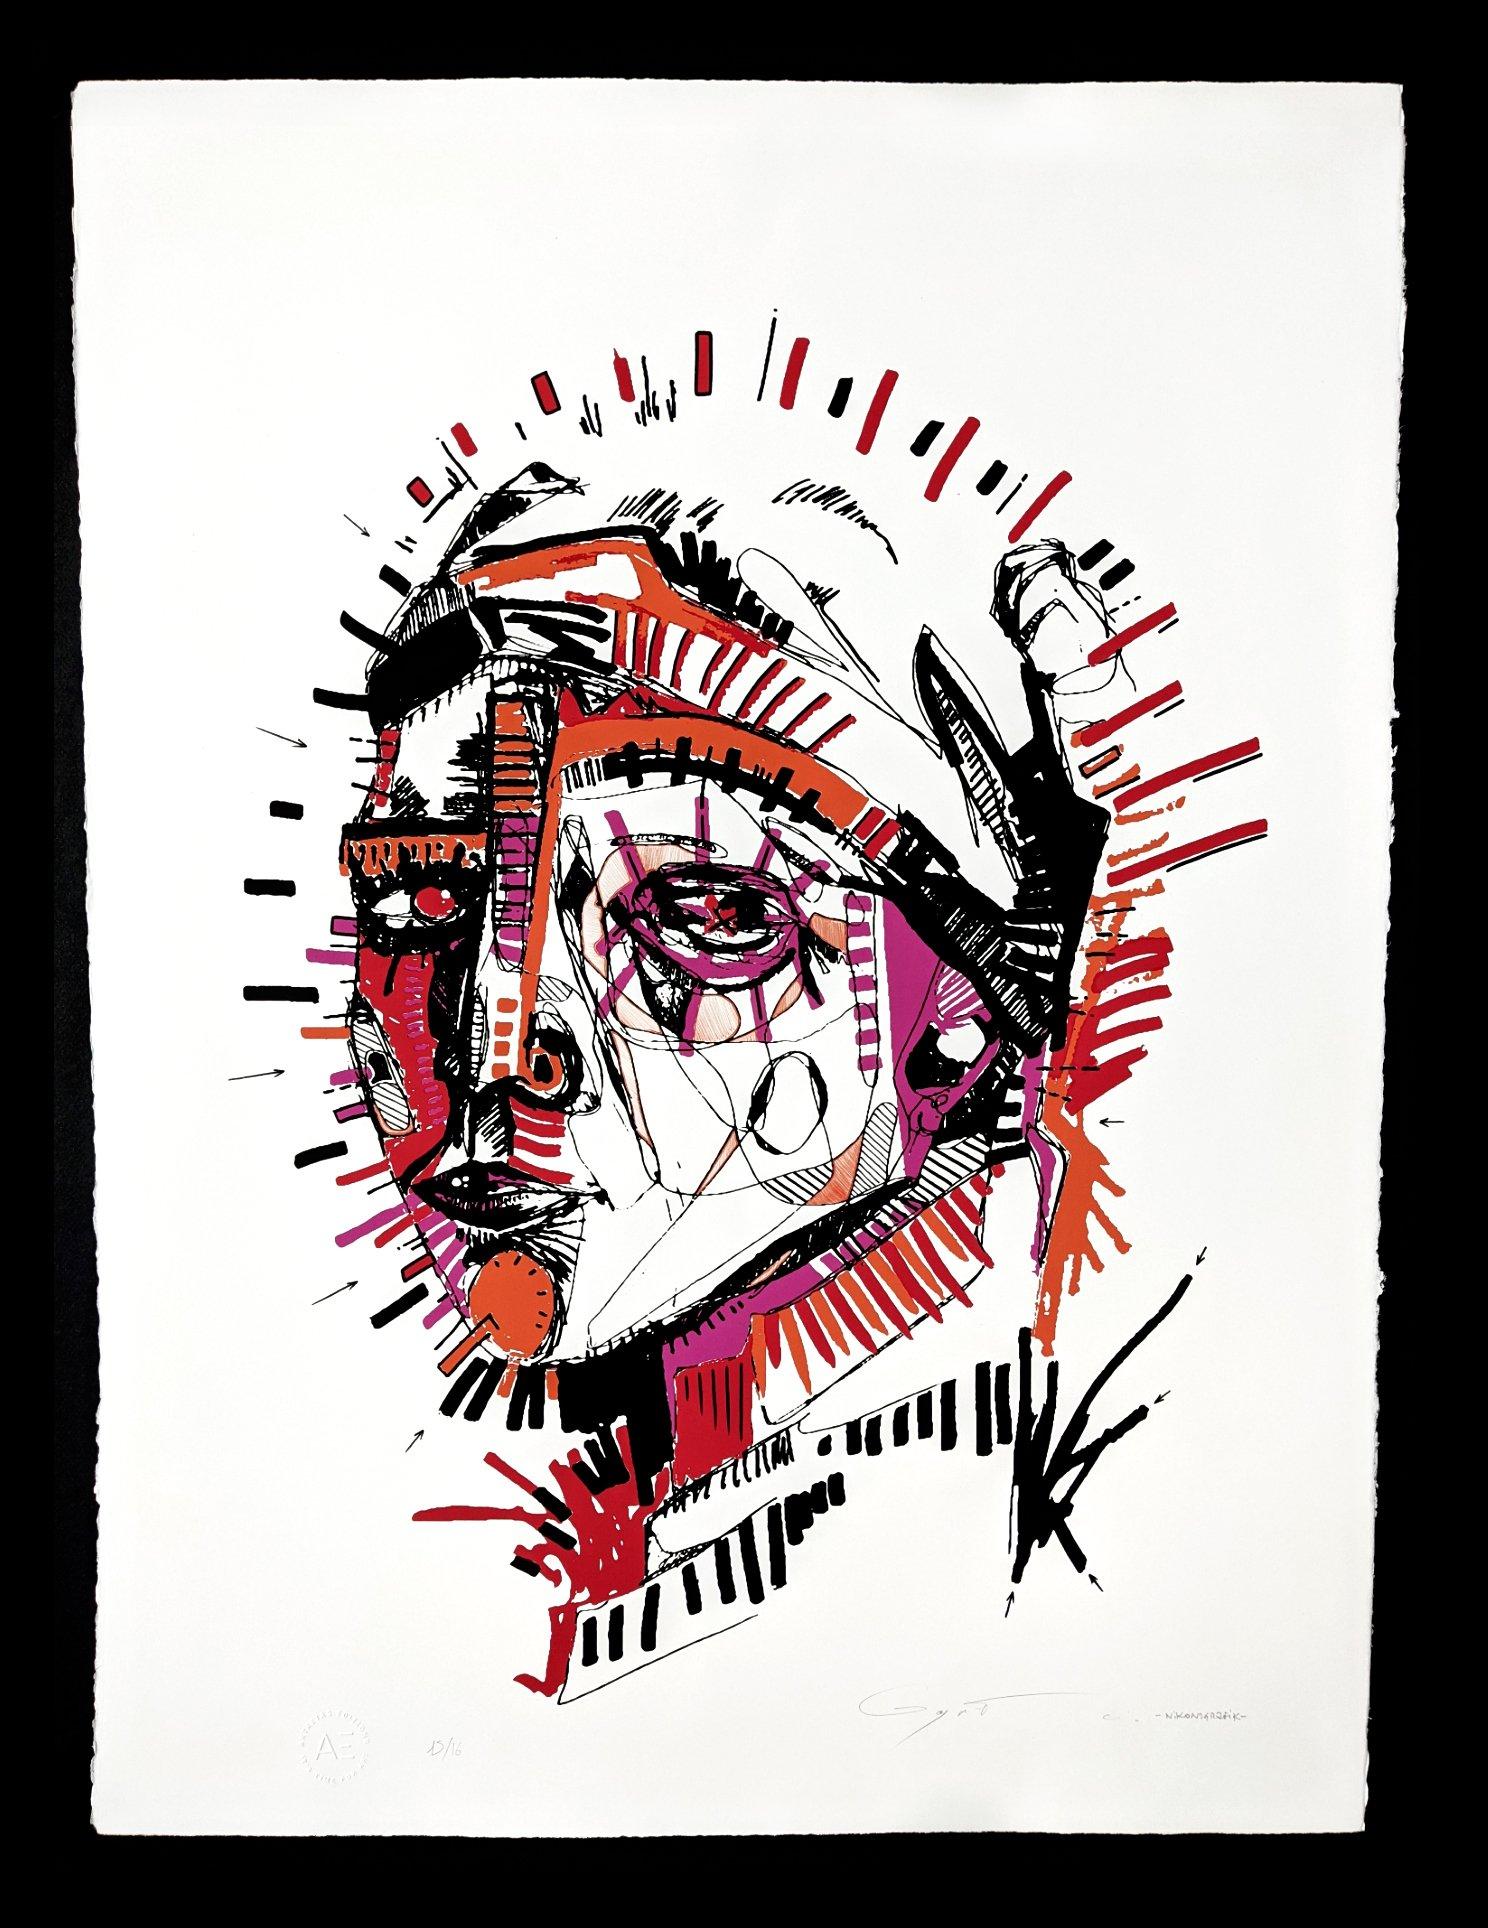 L'ANONYME À LA PERLE 15/16